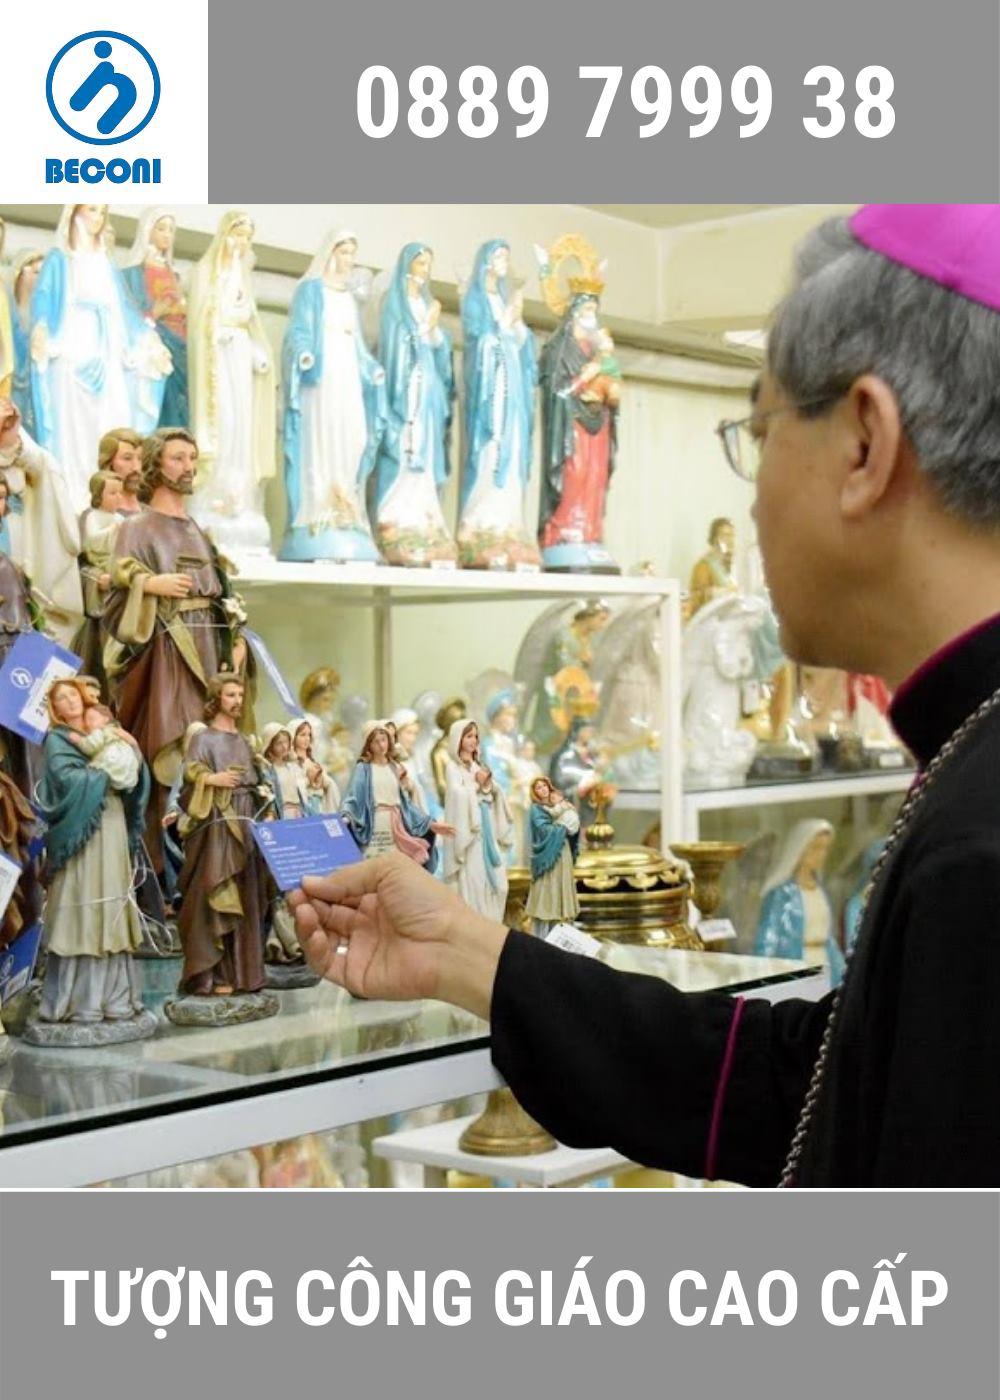 Tượng Công Giáo Beconi - Tượng Công Giáo Cổ Điển Cao Cấp